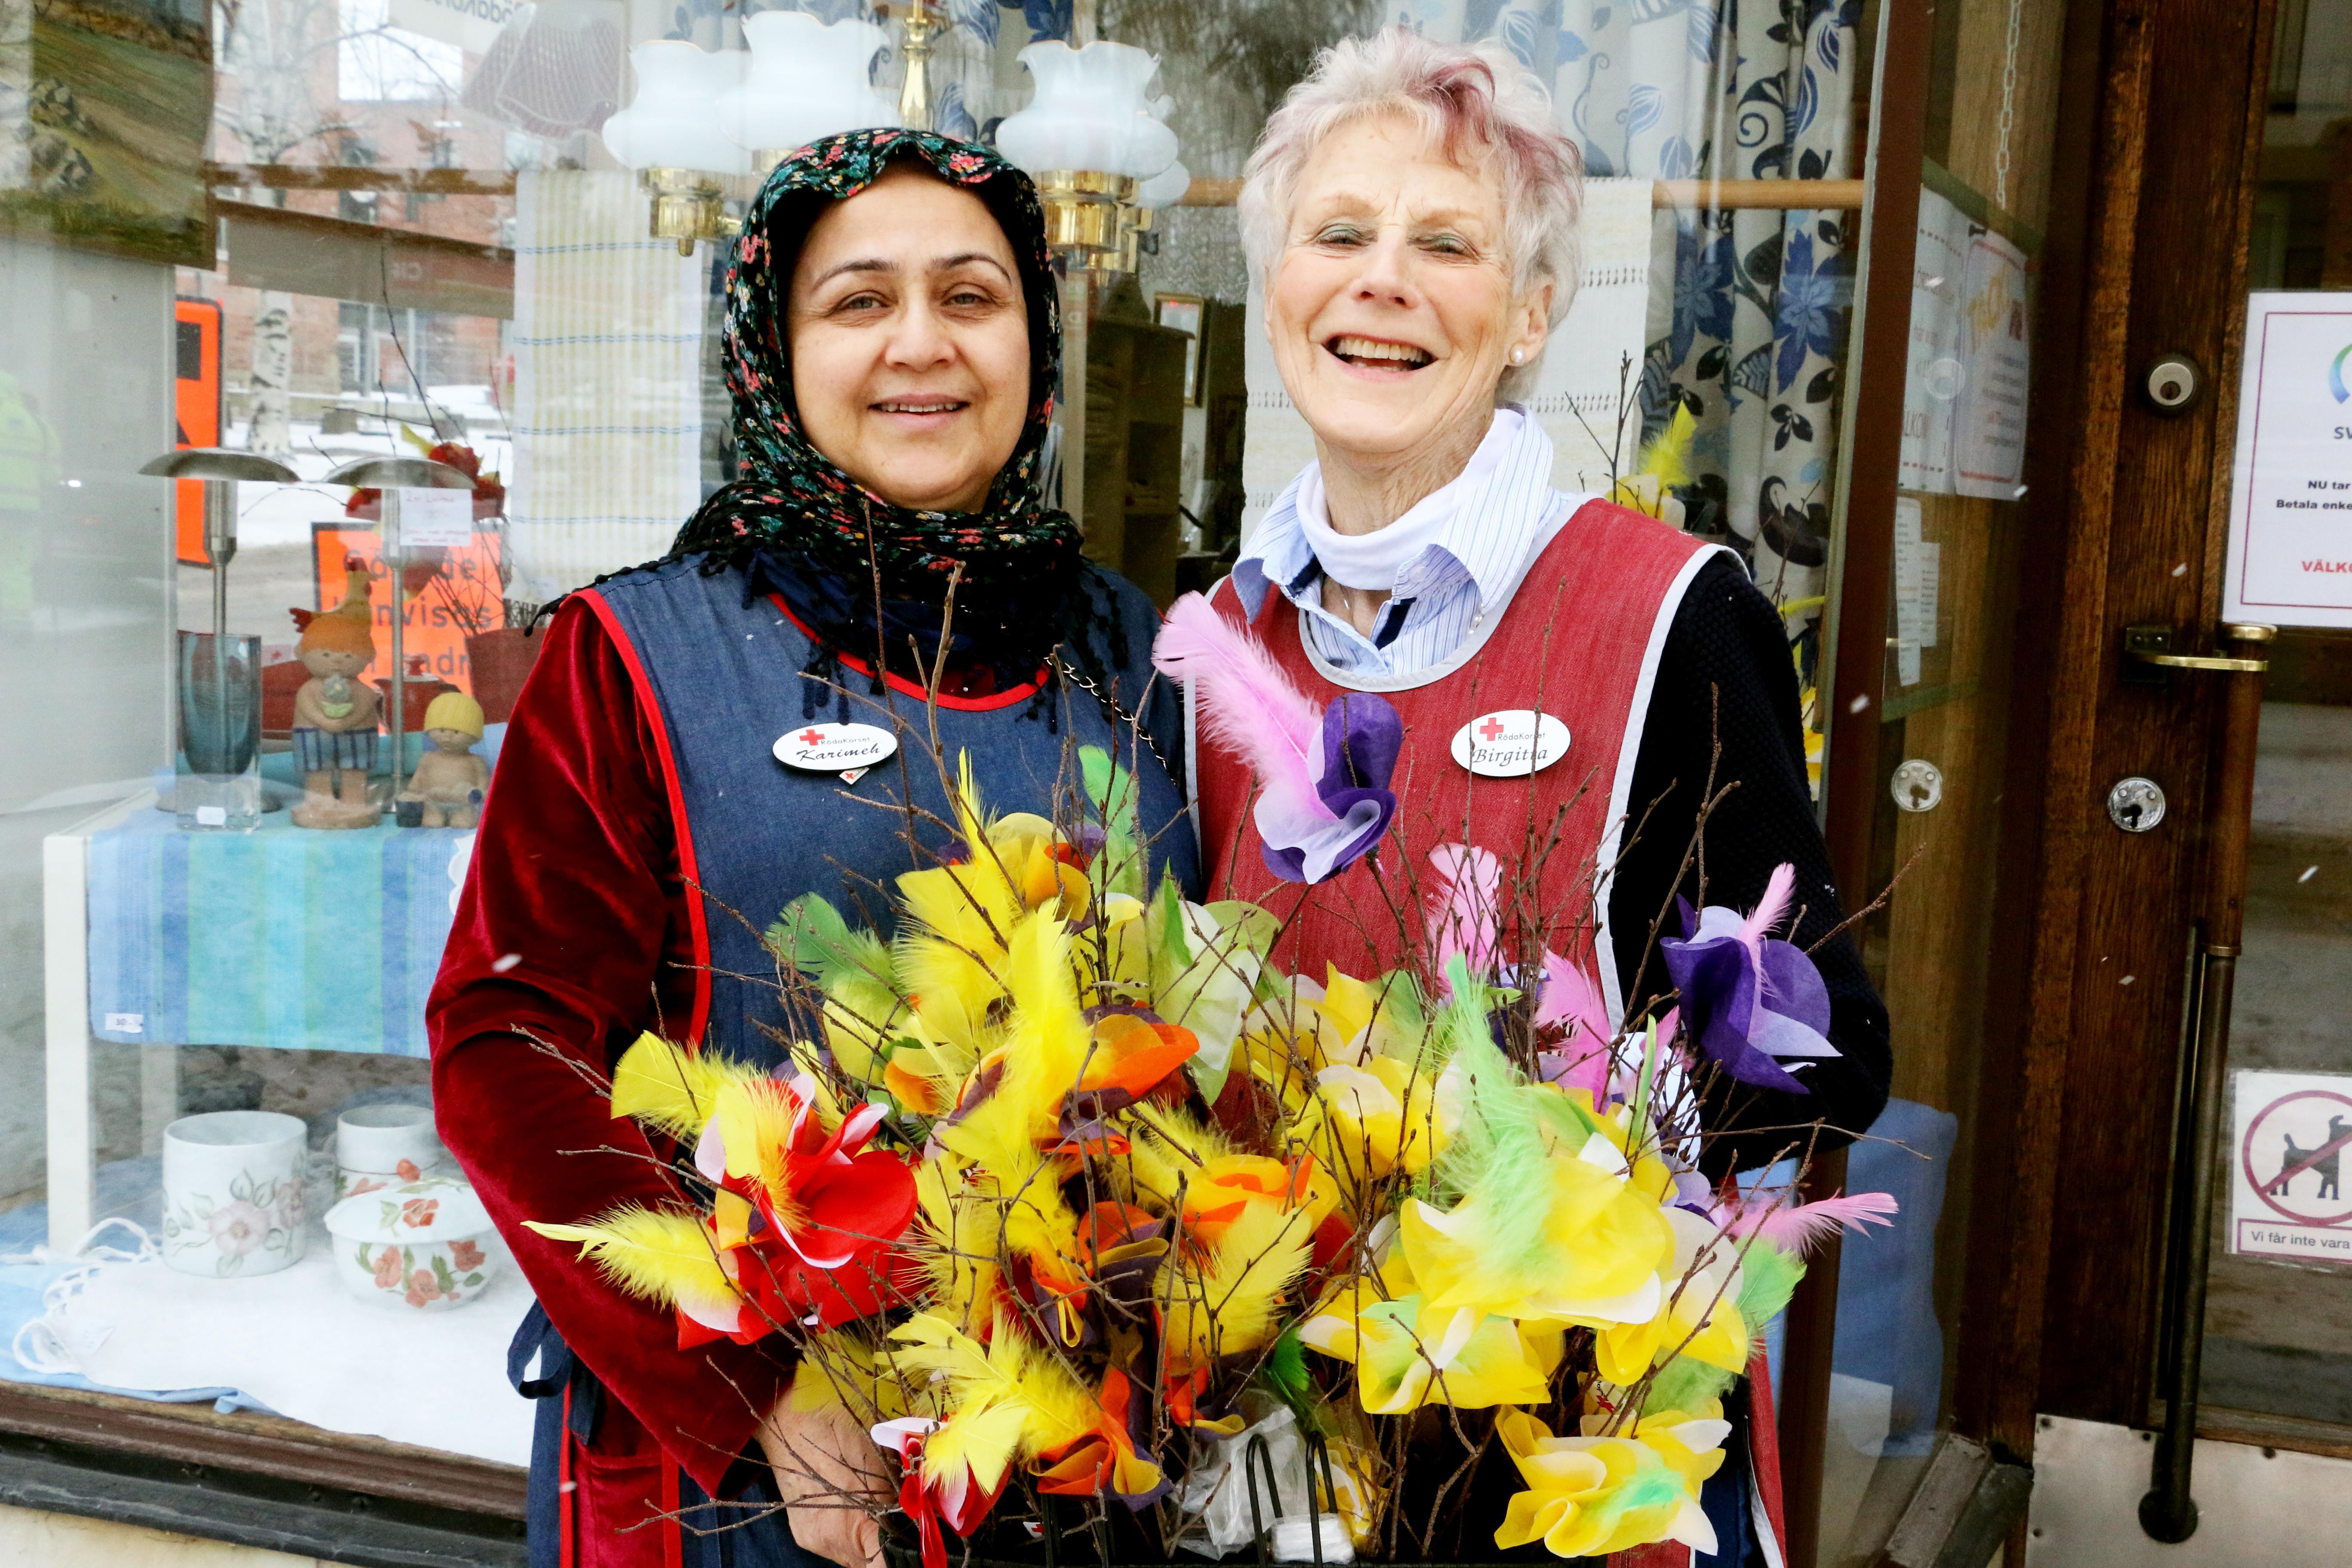 Mars månad var blåsig och kall och det fick Röda Korset att ställa in flera av sina turer över staden med de omtyckta fastlagsriset. Karimek Barati och Lillemor Nilsson var två av försäljarna, som berättade om att man ett år sålde ris för hela 40 000 kronor.